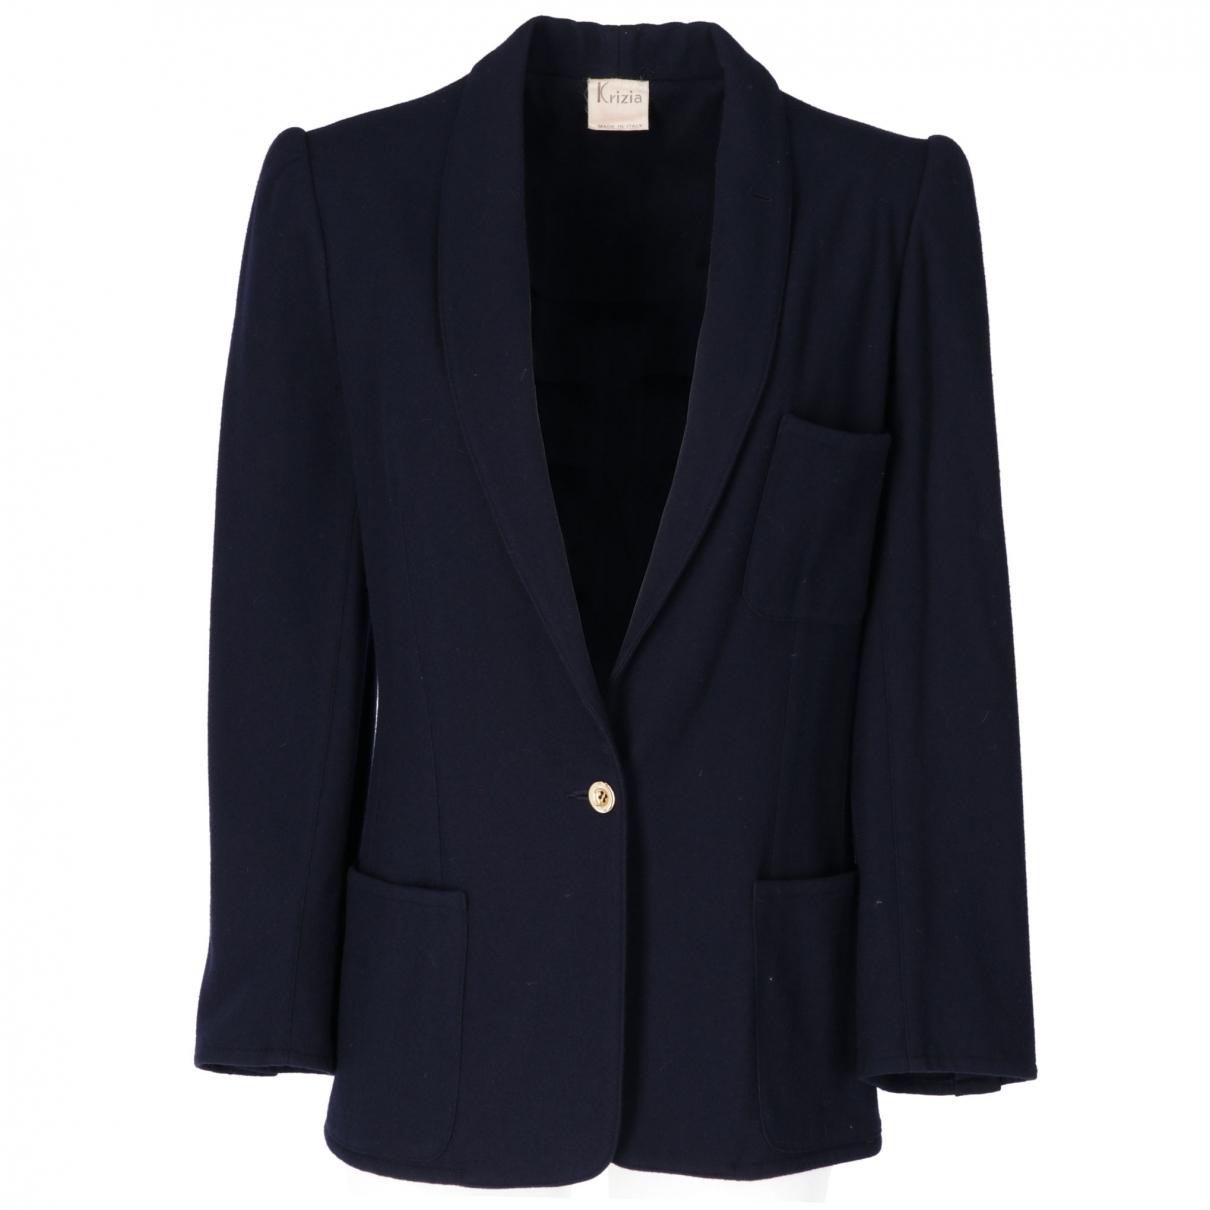 Krizia - Veste   pour femme en laine - bleu